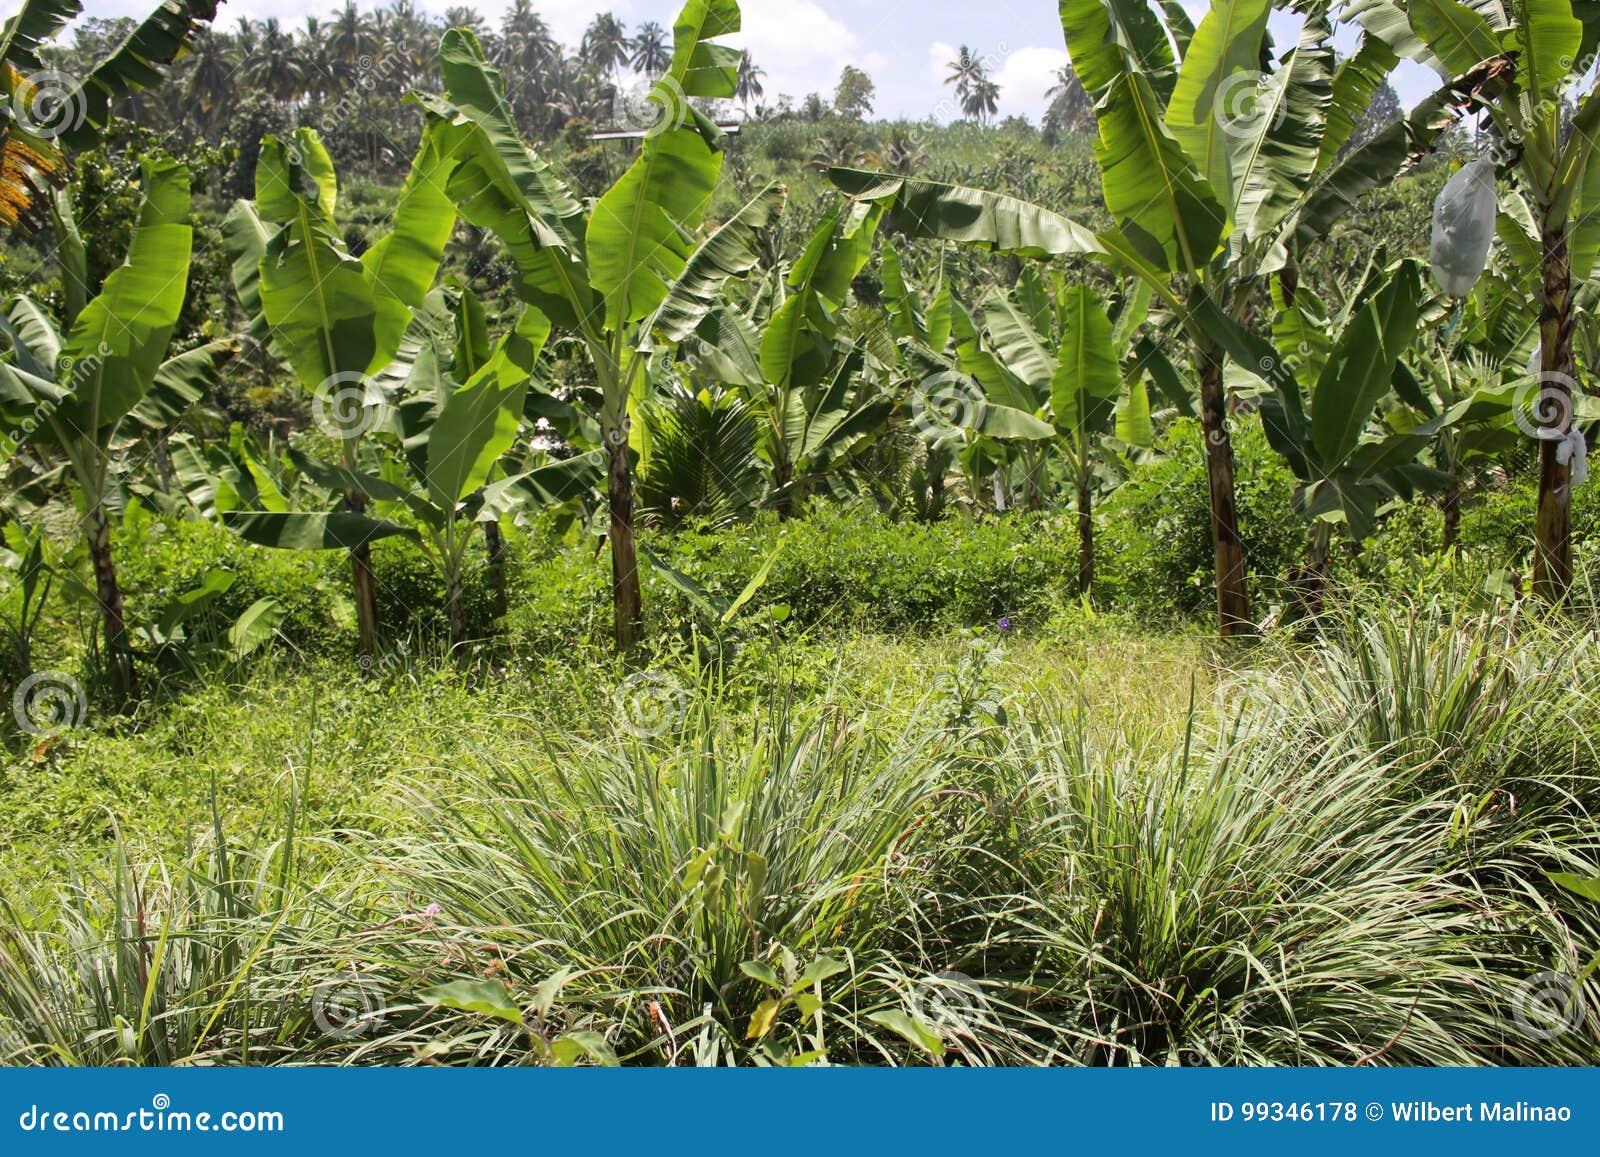 Les bananes dans les montagnes undercropped par des nards indiens